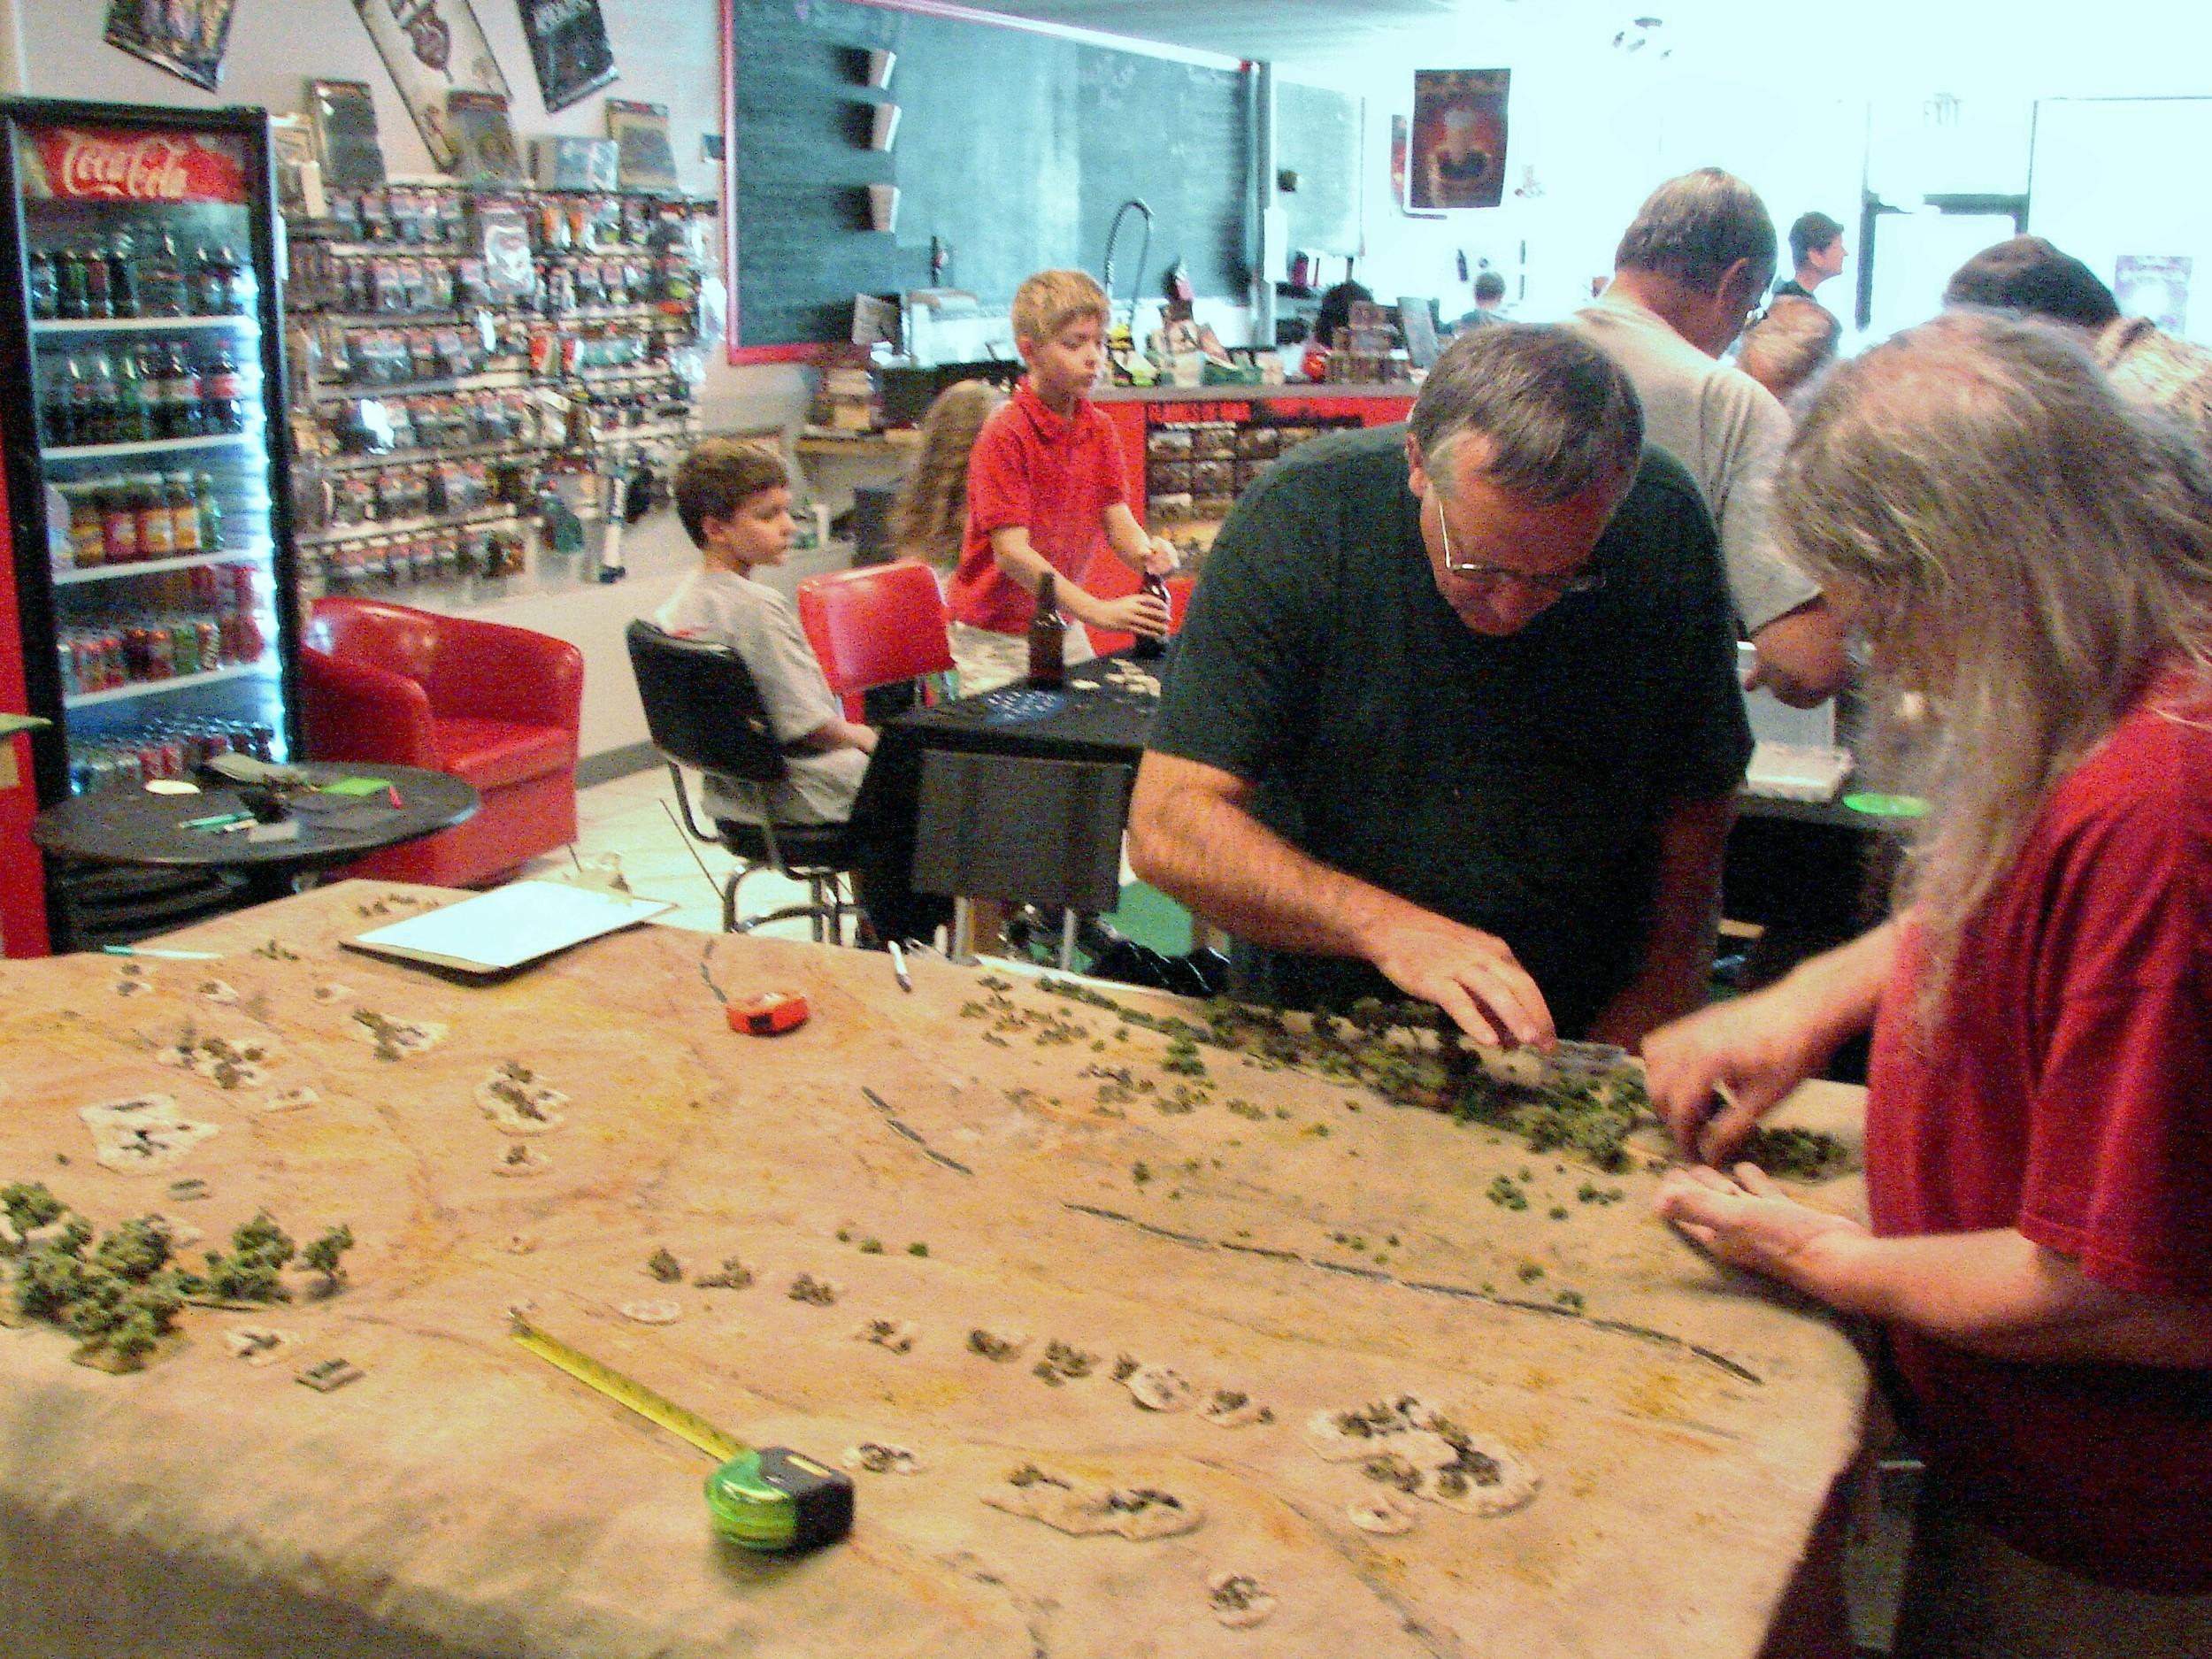 Germans planning their attack